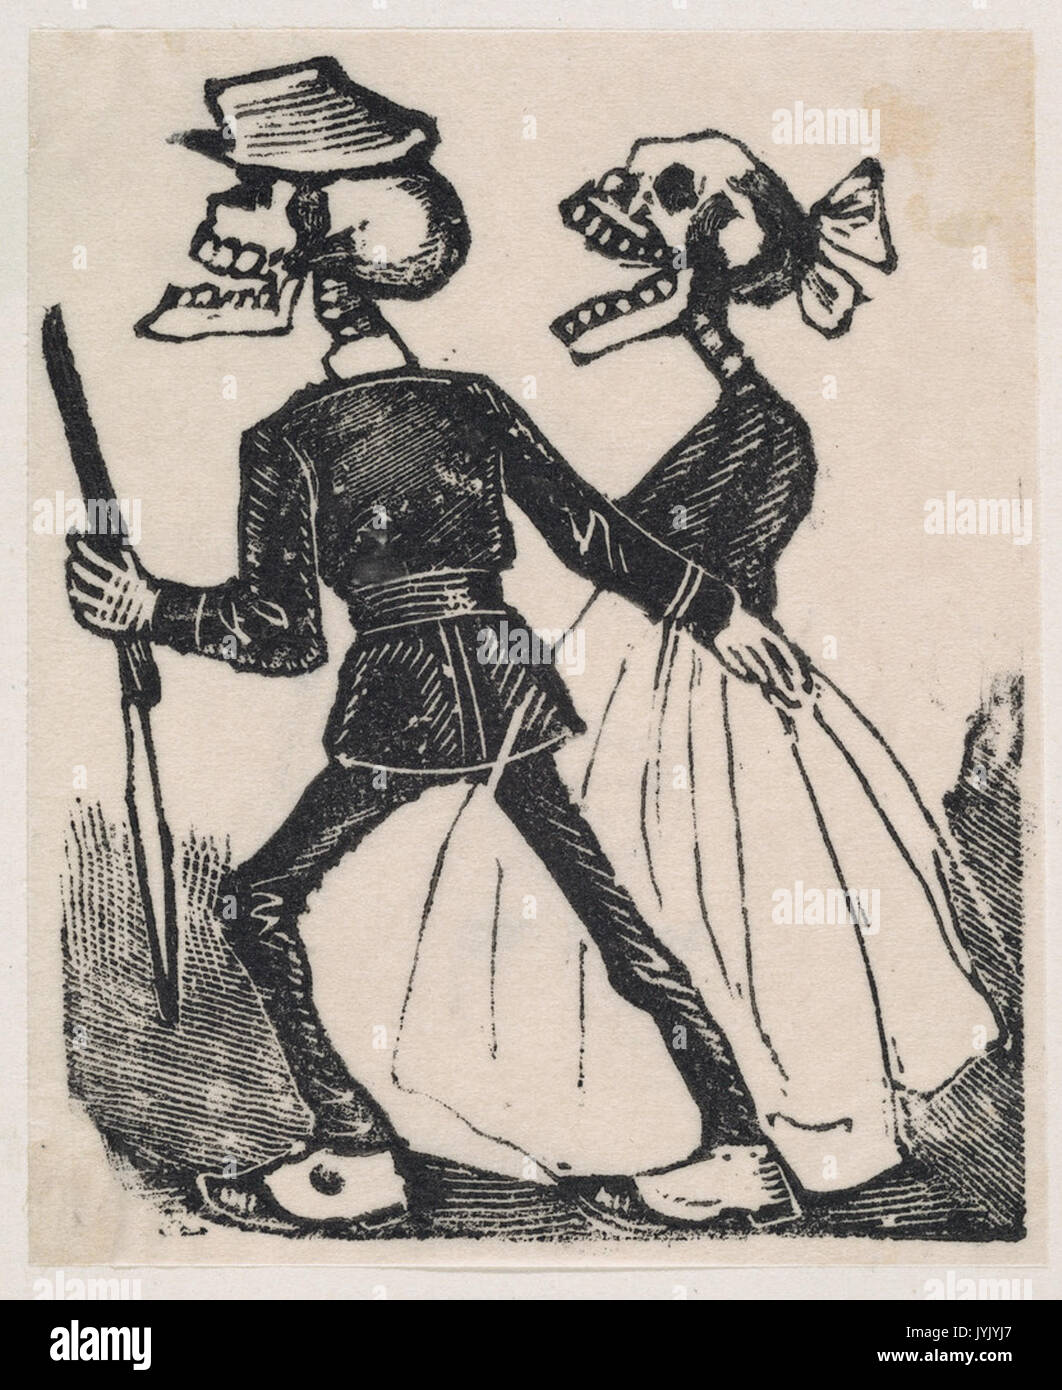 Un hombre esqueleto liderando un esqueleto femenino a la izquierda